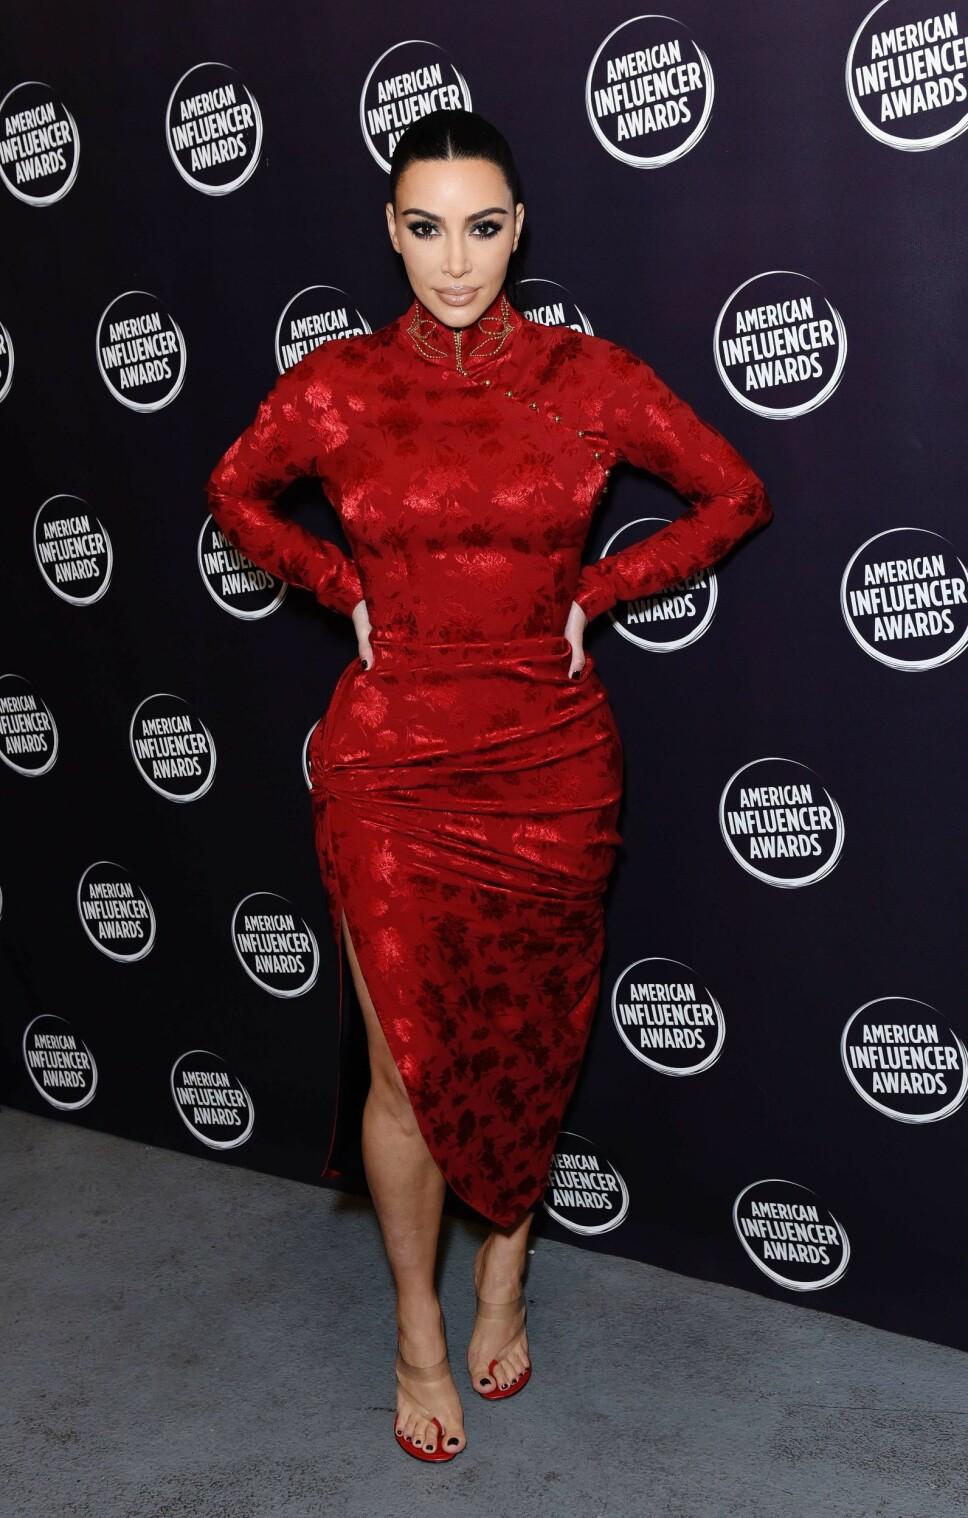 ÅPNER OPP OM VENNSKAP: Kim Kardashian forteller om barndsomsvennene sine i et nytt intervju. Her er realitystjernen under American Influencer Awards tidligere i november.